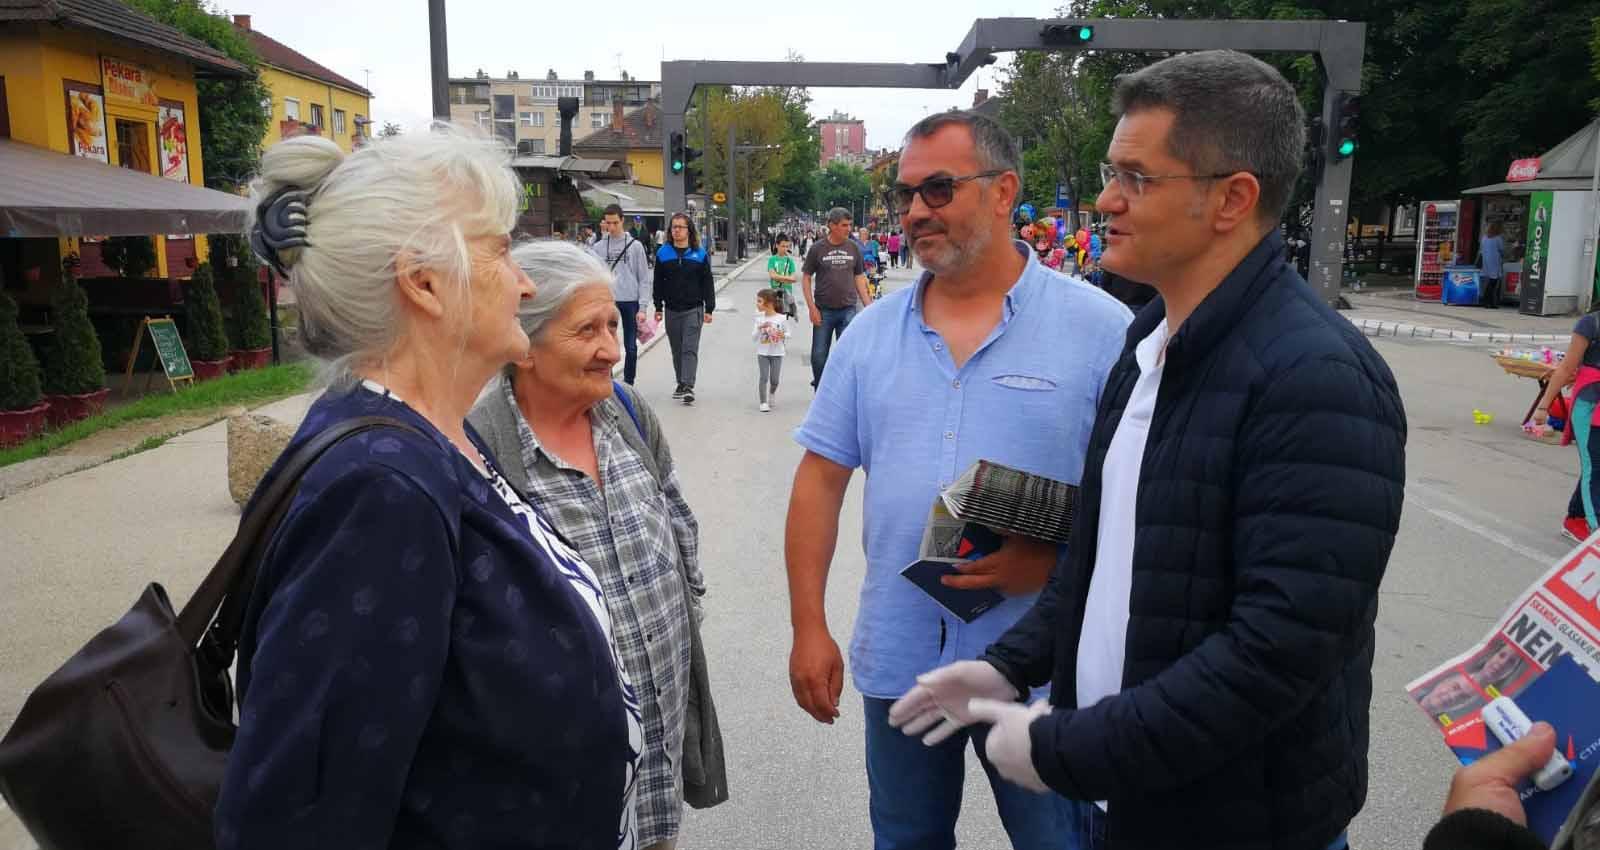 Јеремић: Ко је преместио преговоре о Косову у Белу кућу?